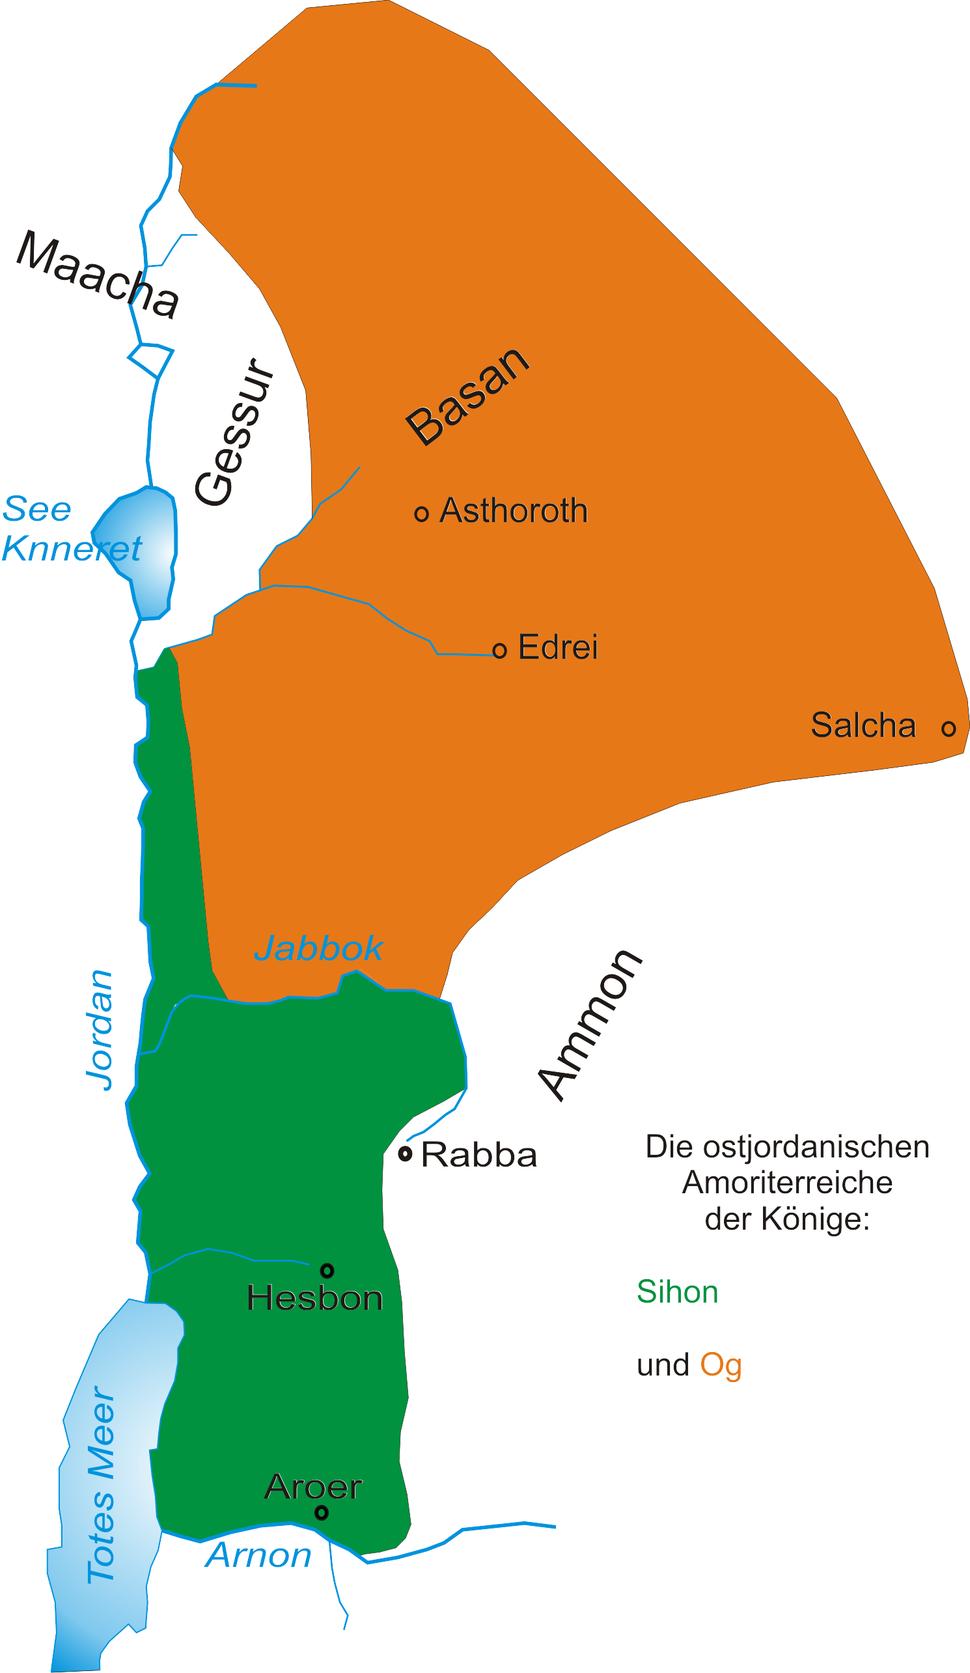 Ostjordanische Amoriterreiche